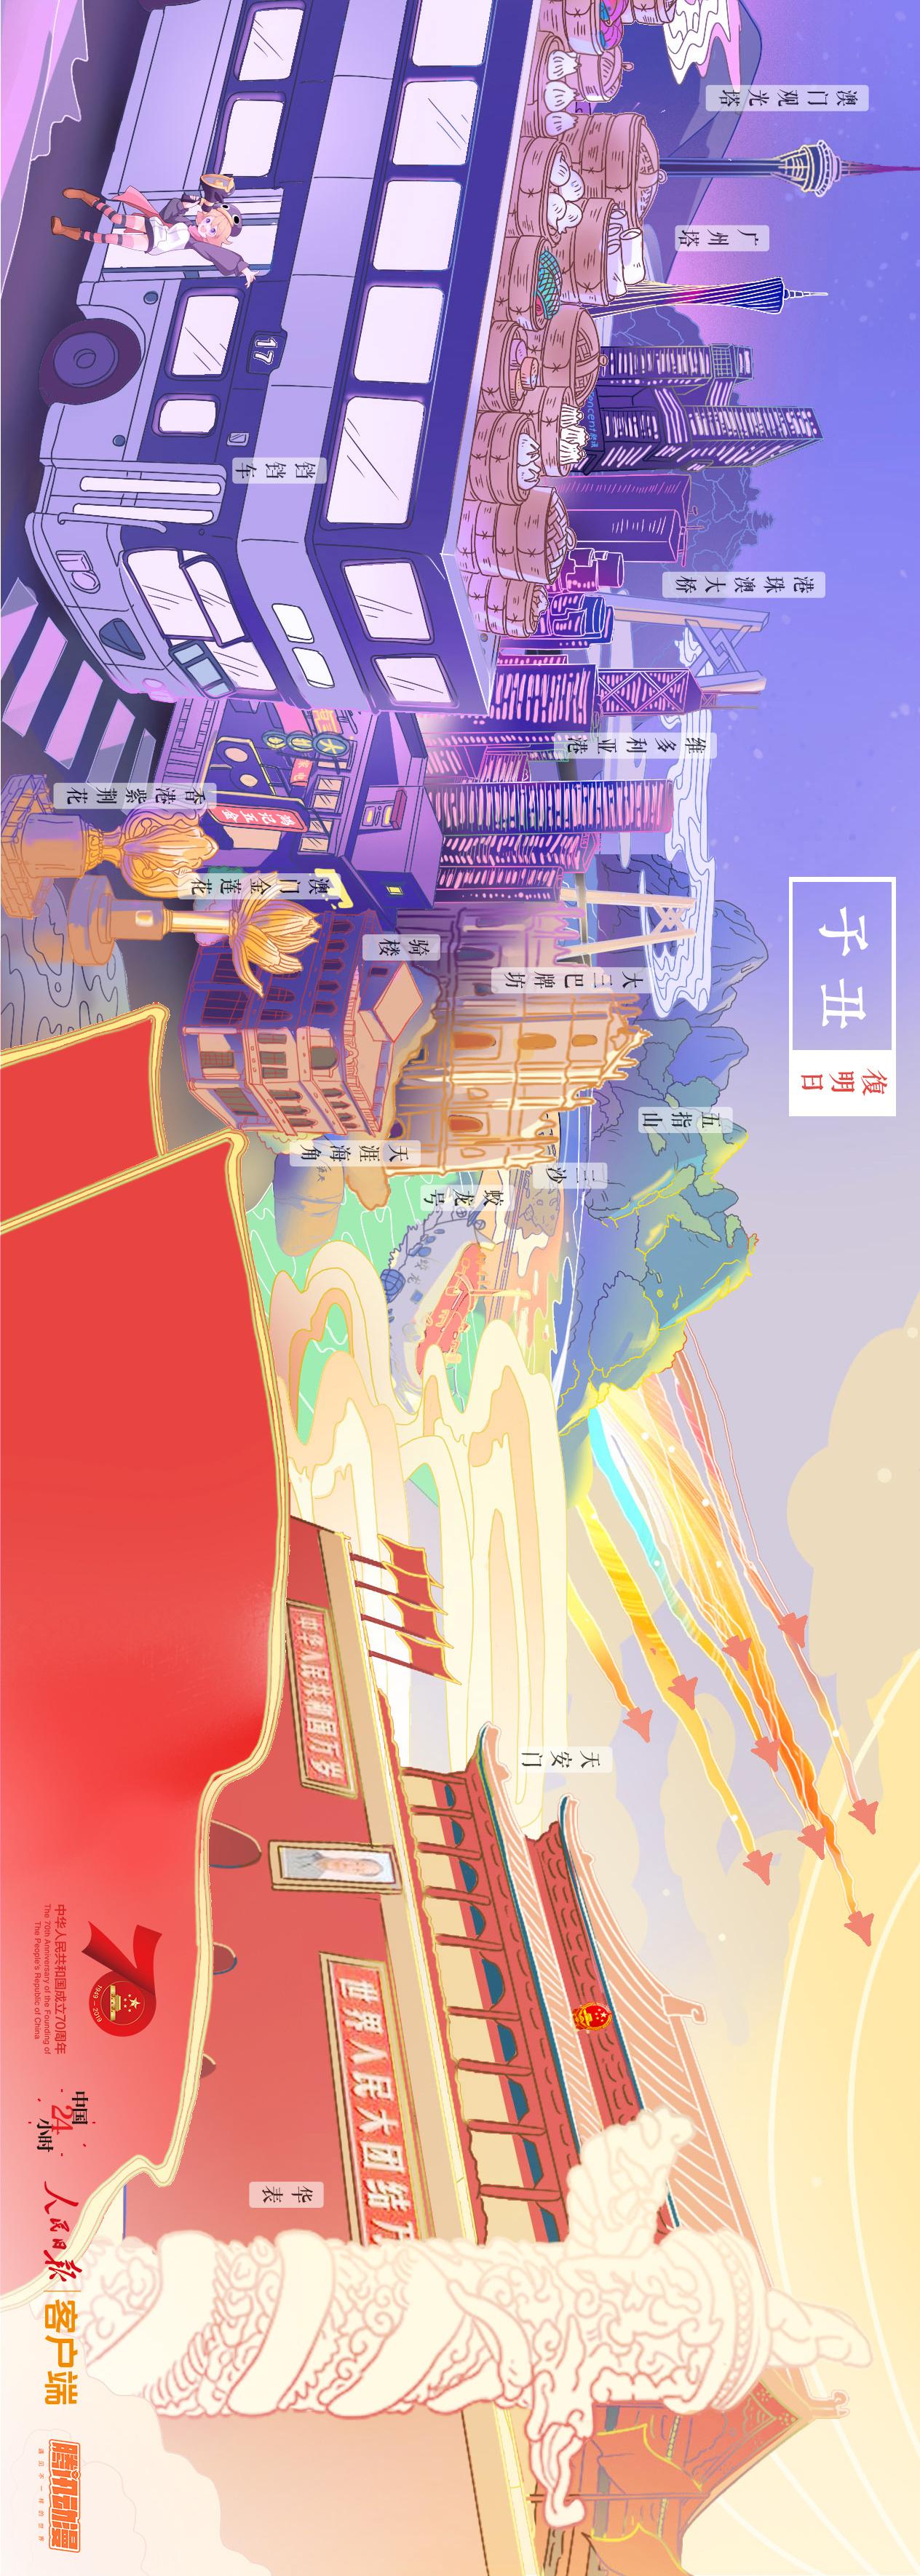 34省长卷-final-10-8_08.jpg?x-oss-process=style/w10